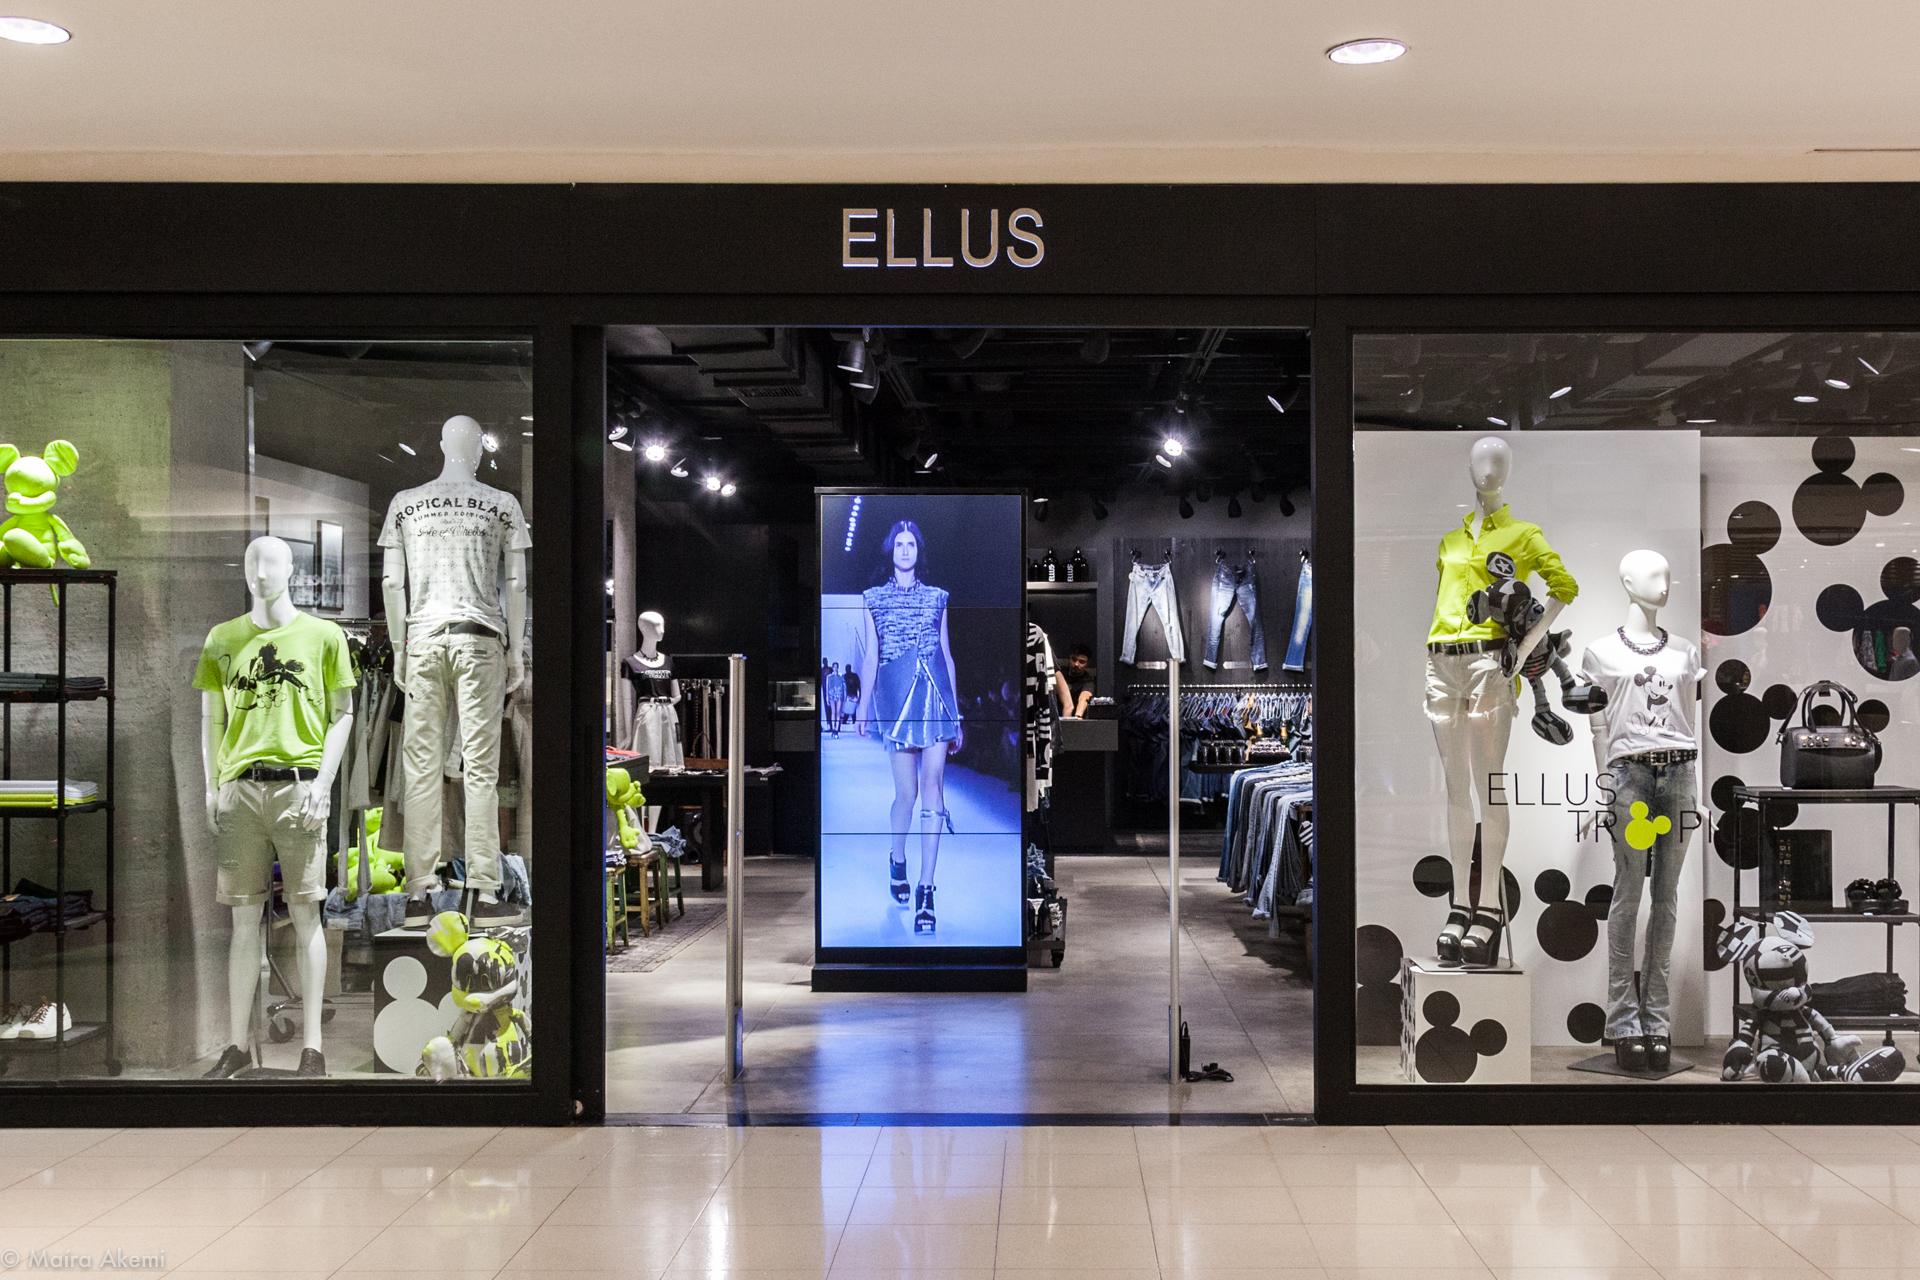 ellus-3.jpg